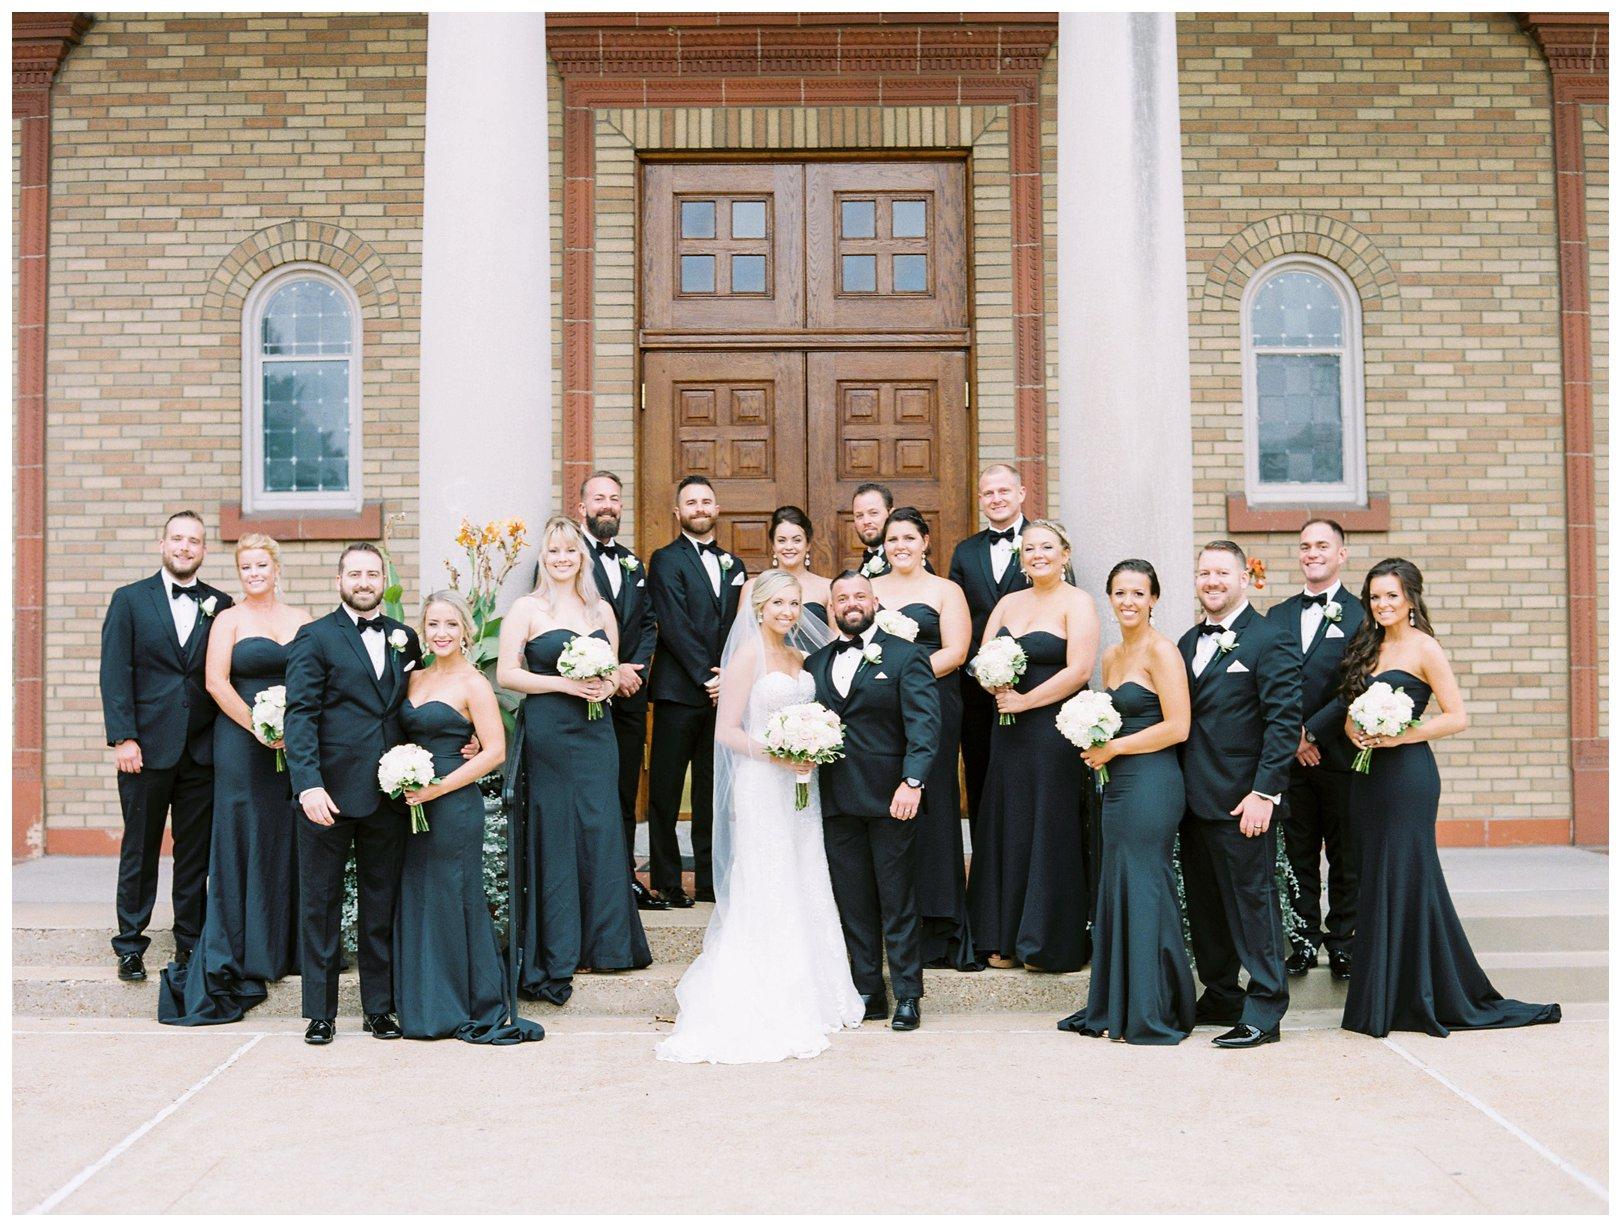 lauren muckler photography_fine art film wedding photography_st louis_photography_2145.jpg